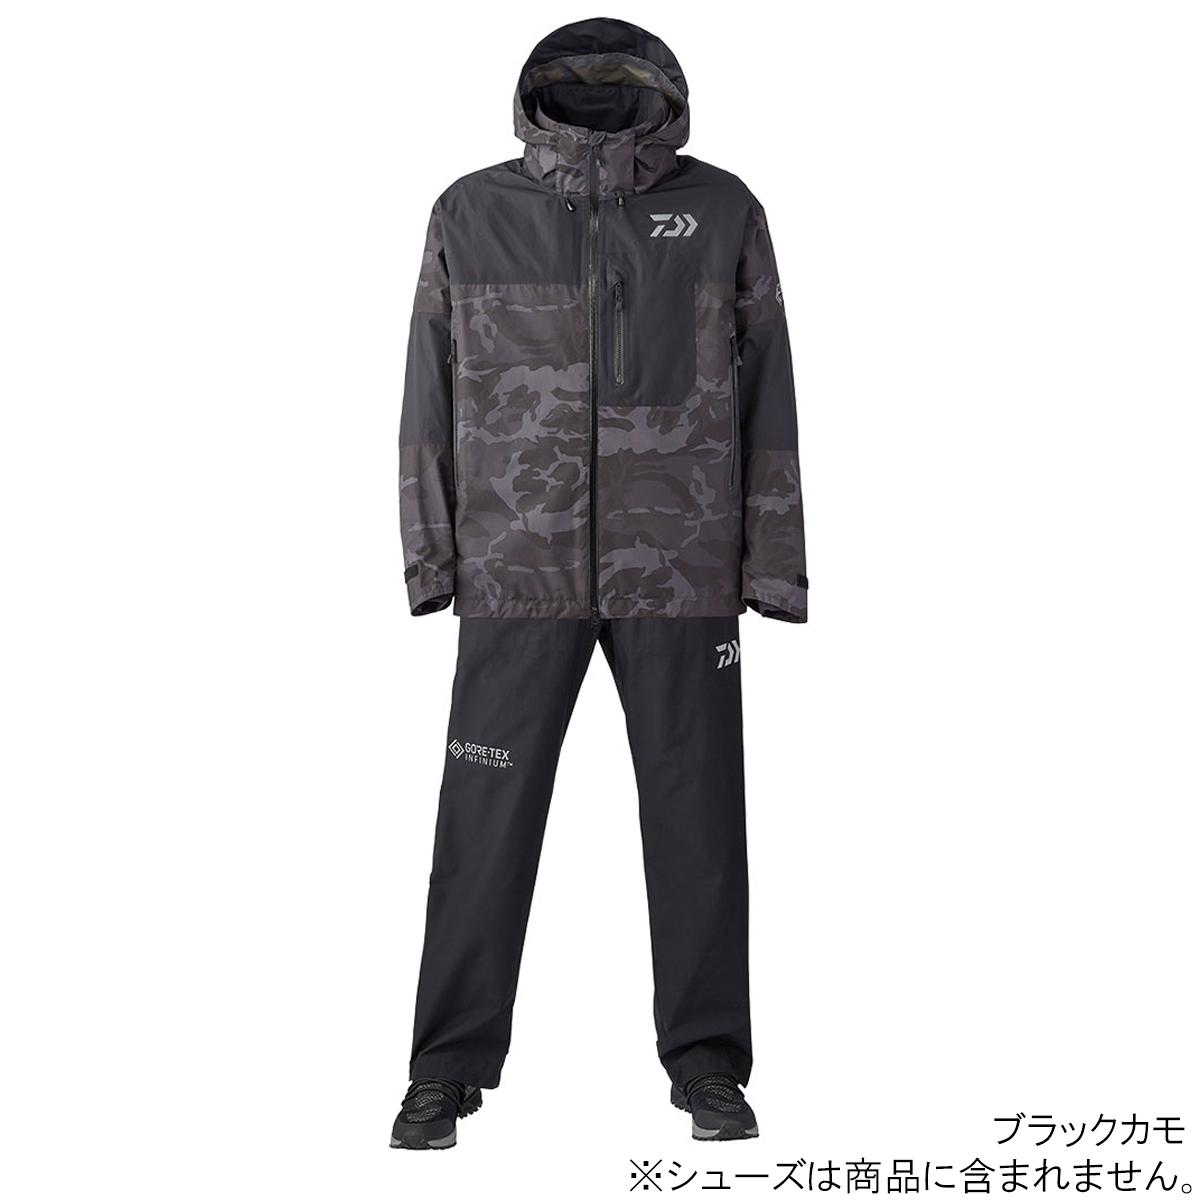 ダイワ ゴアテックス インフィニアム プロダクト レインスーツ DR-19020 M ブラックカモ(東日本店)